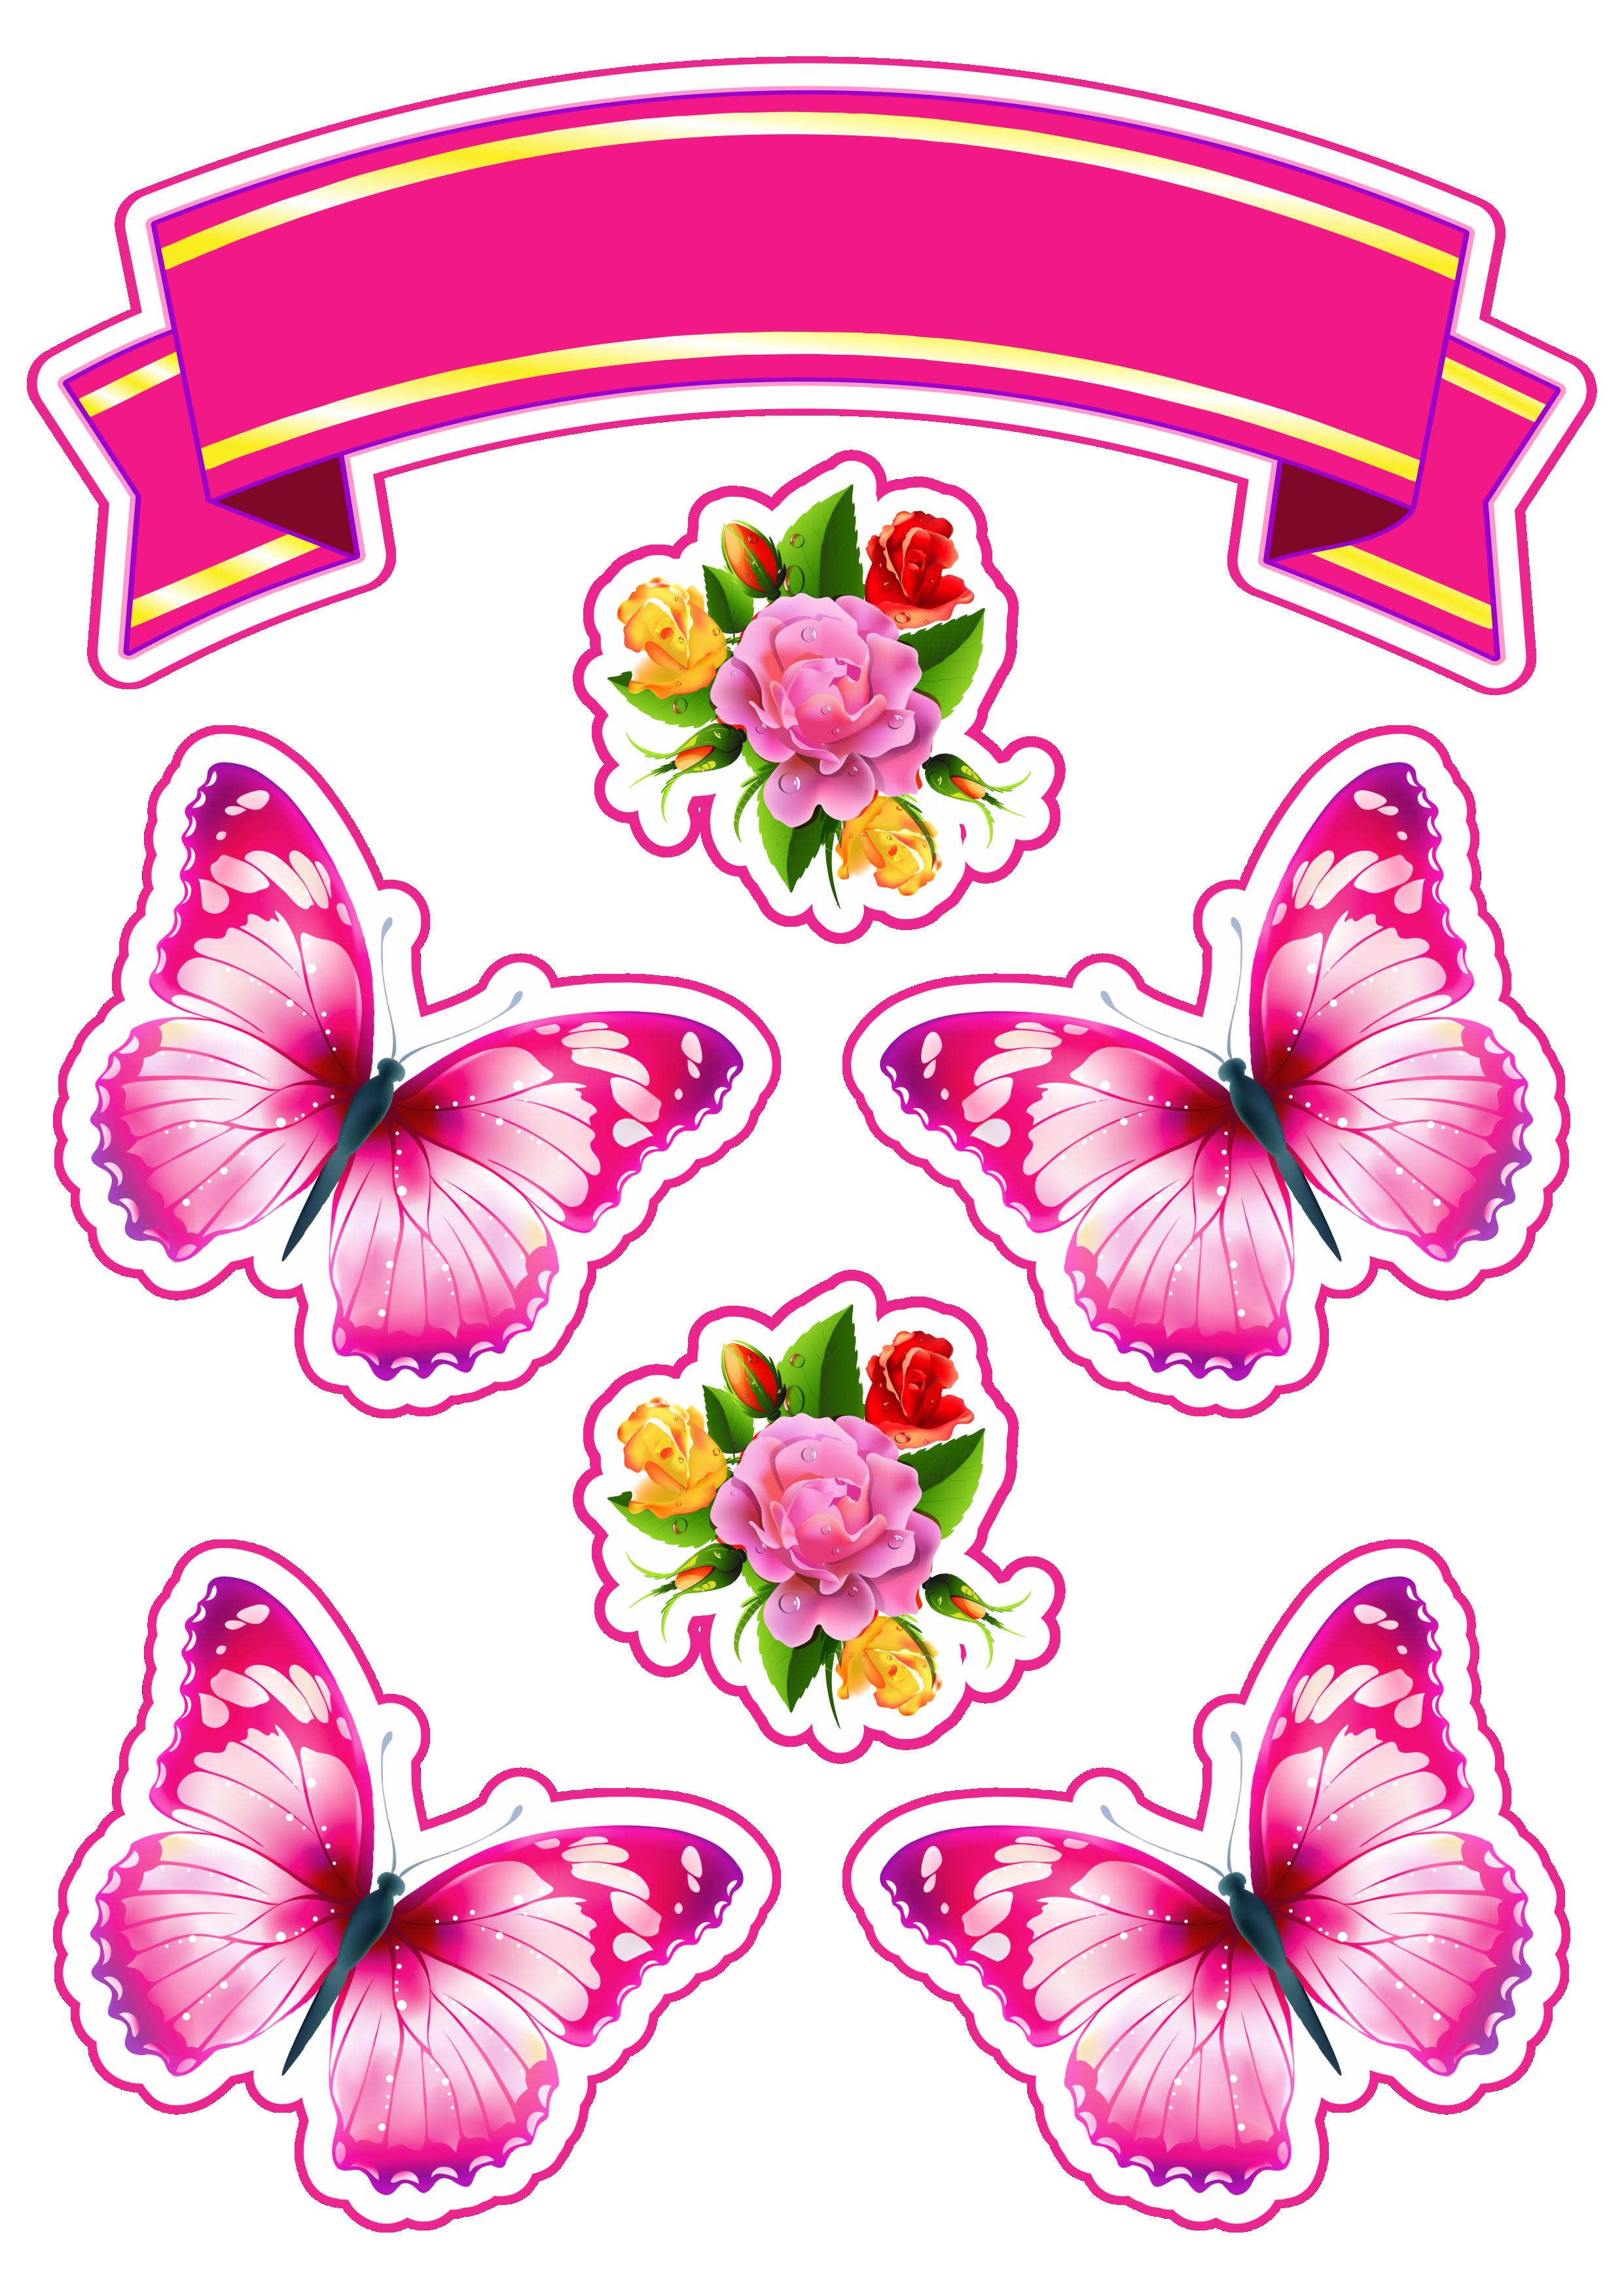 Lindo Topo De Bolo Com Borboletas E Rosas Para Decoração